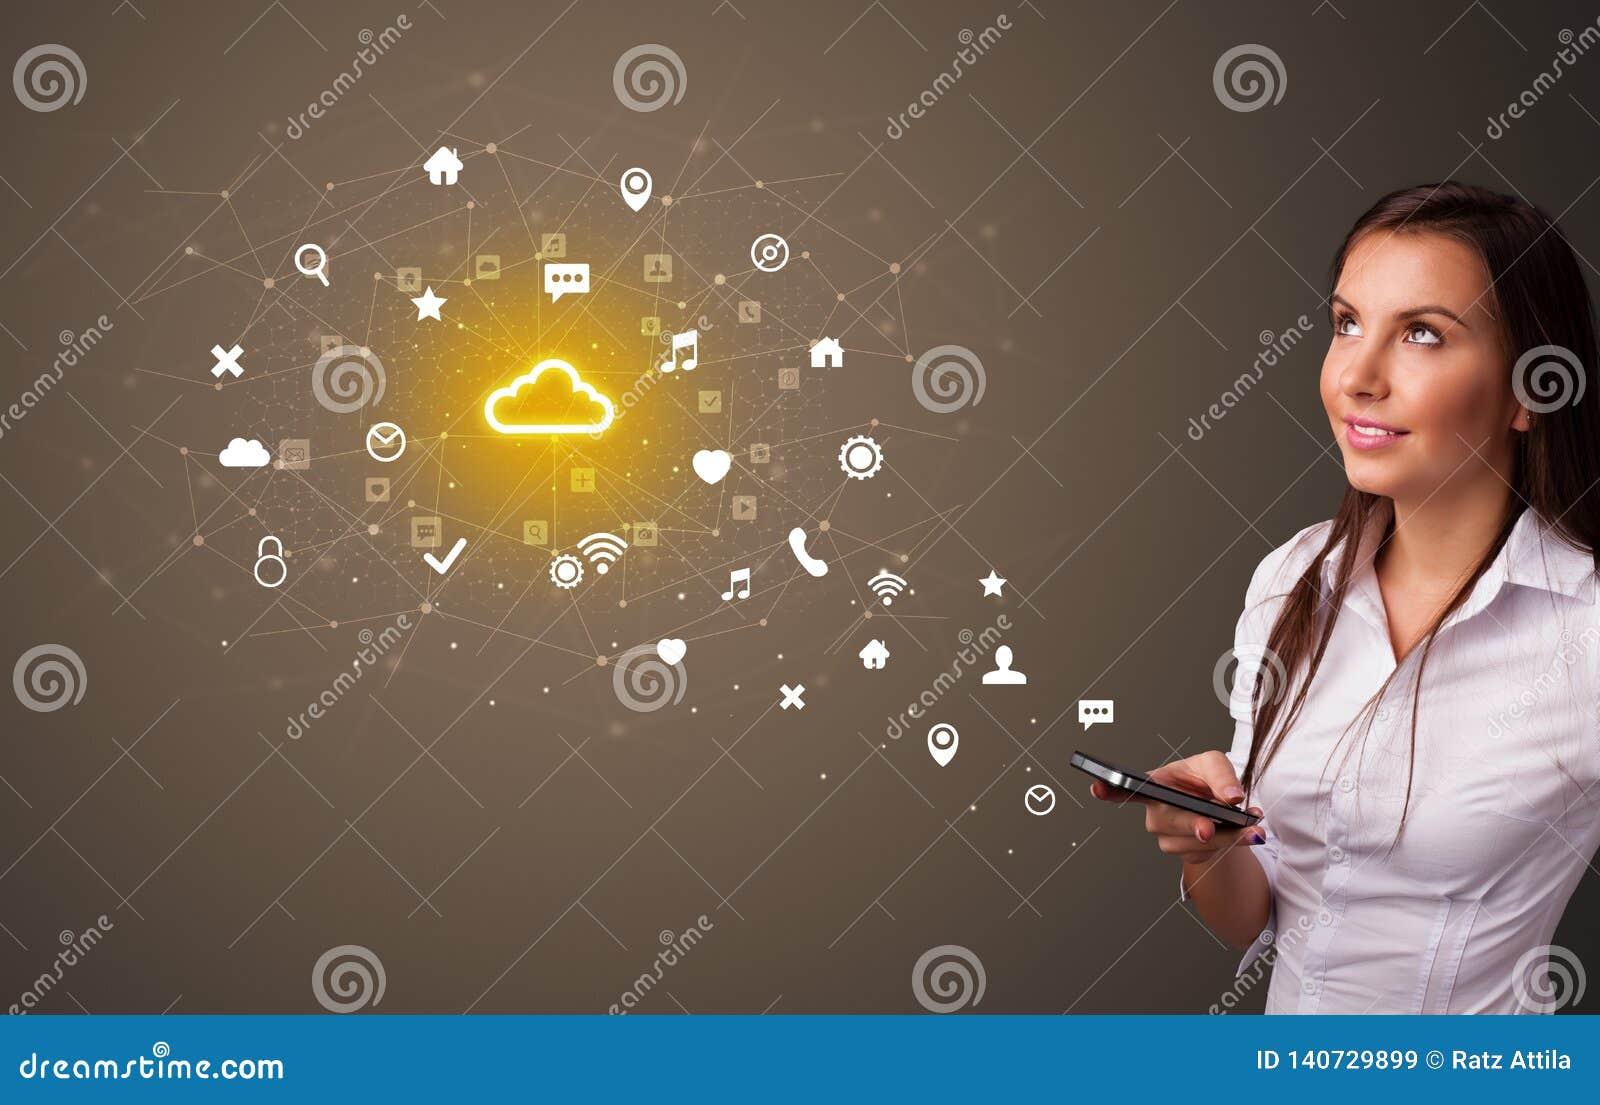 Persoon die telefoon met het concept van de wolkentechnologie met behulp van